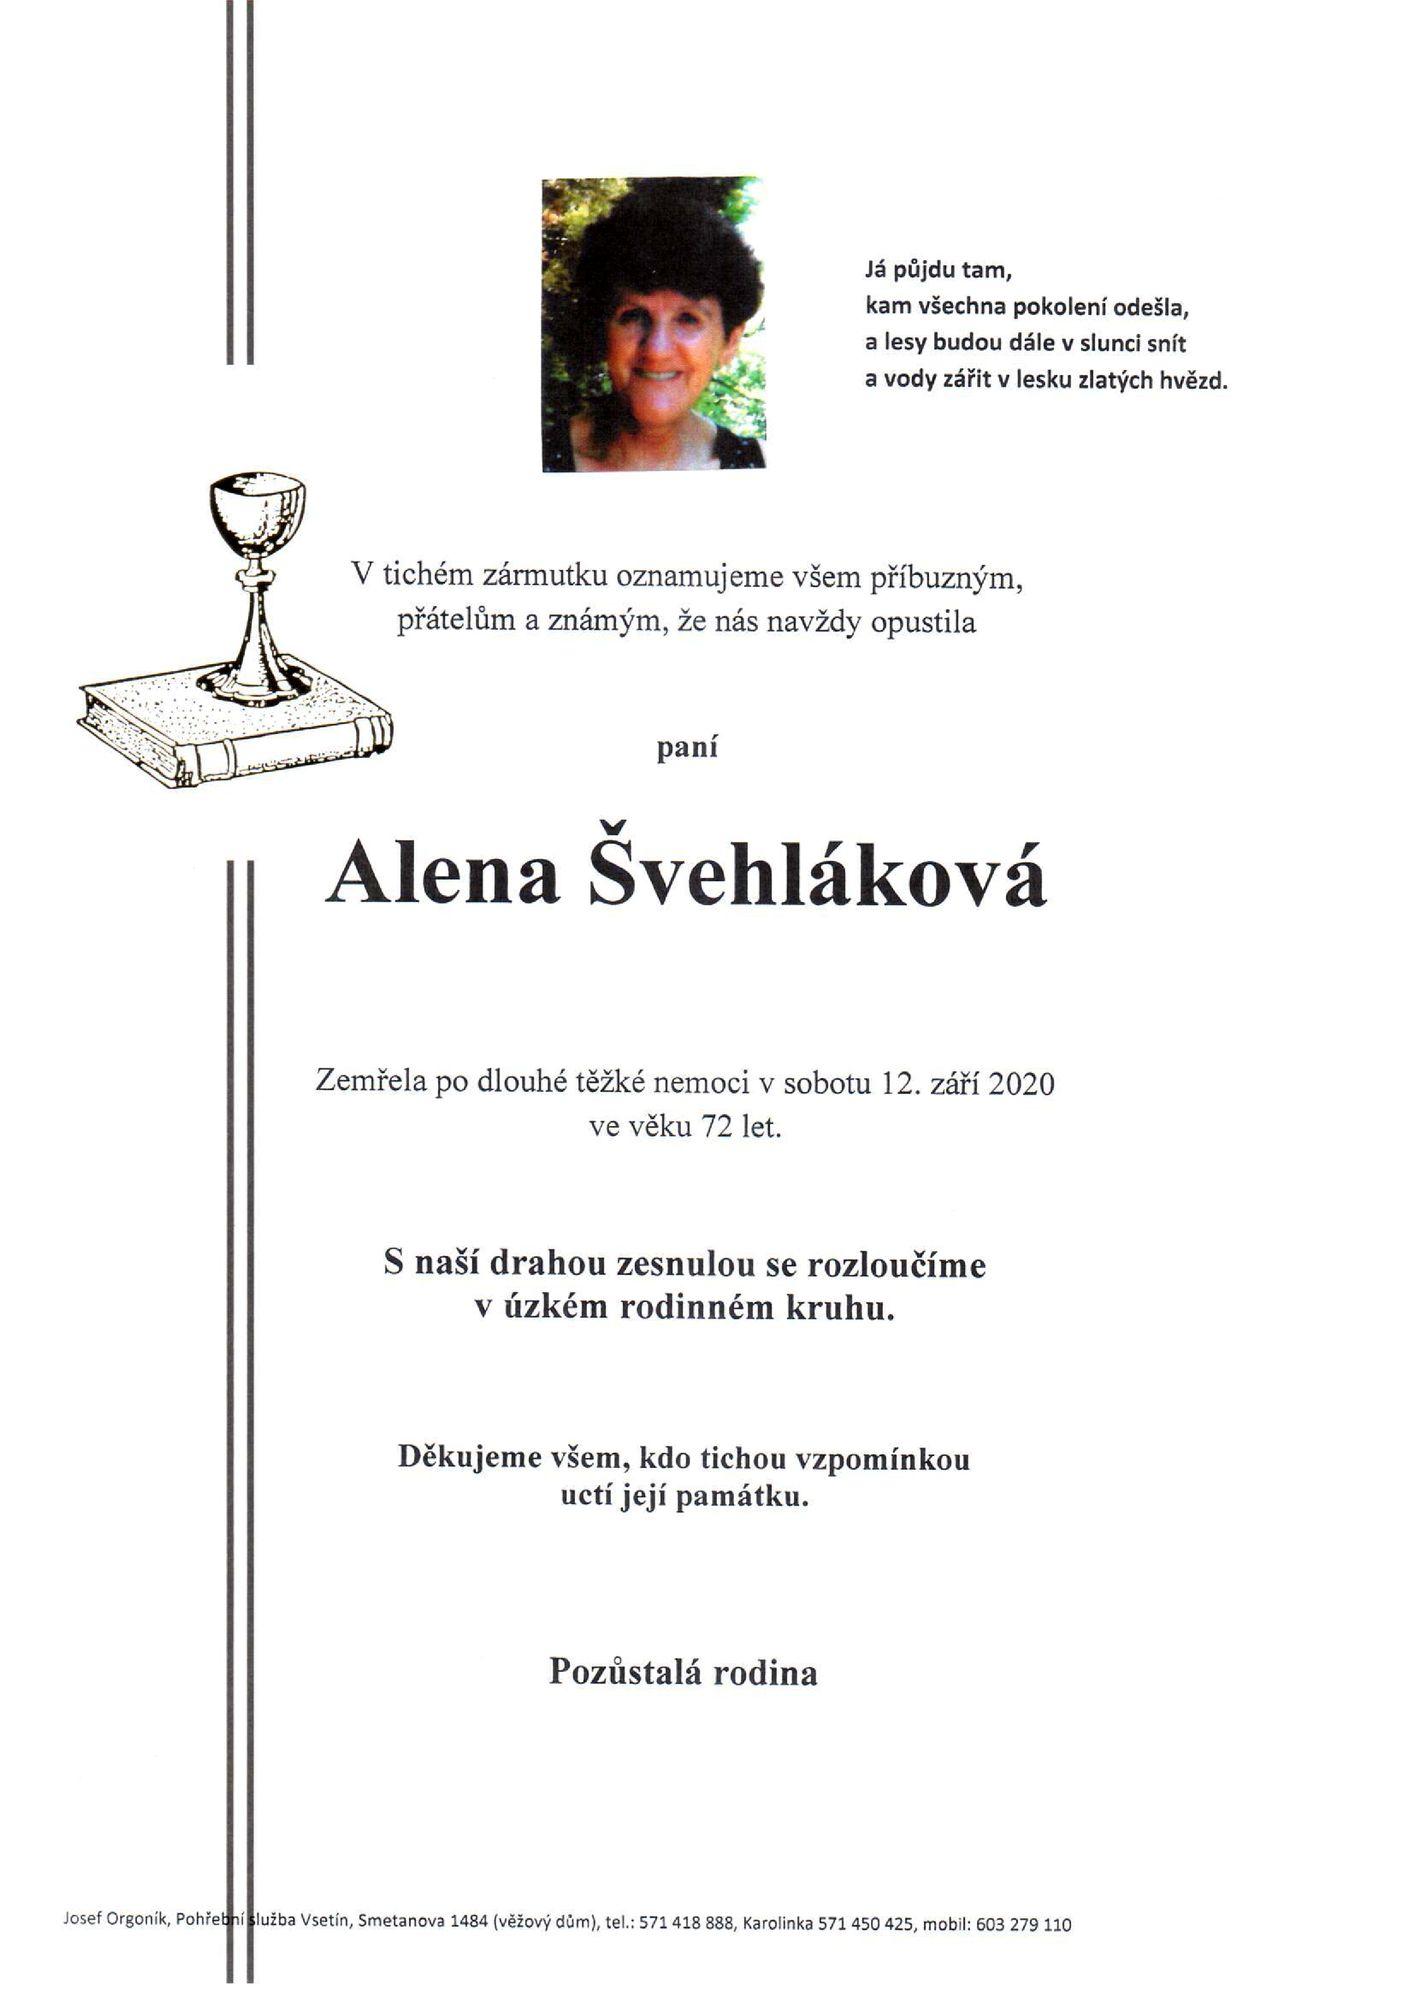 Alena Švehláková